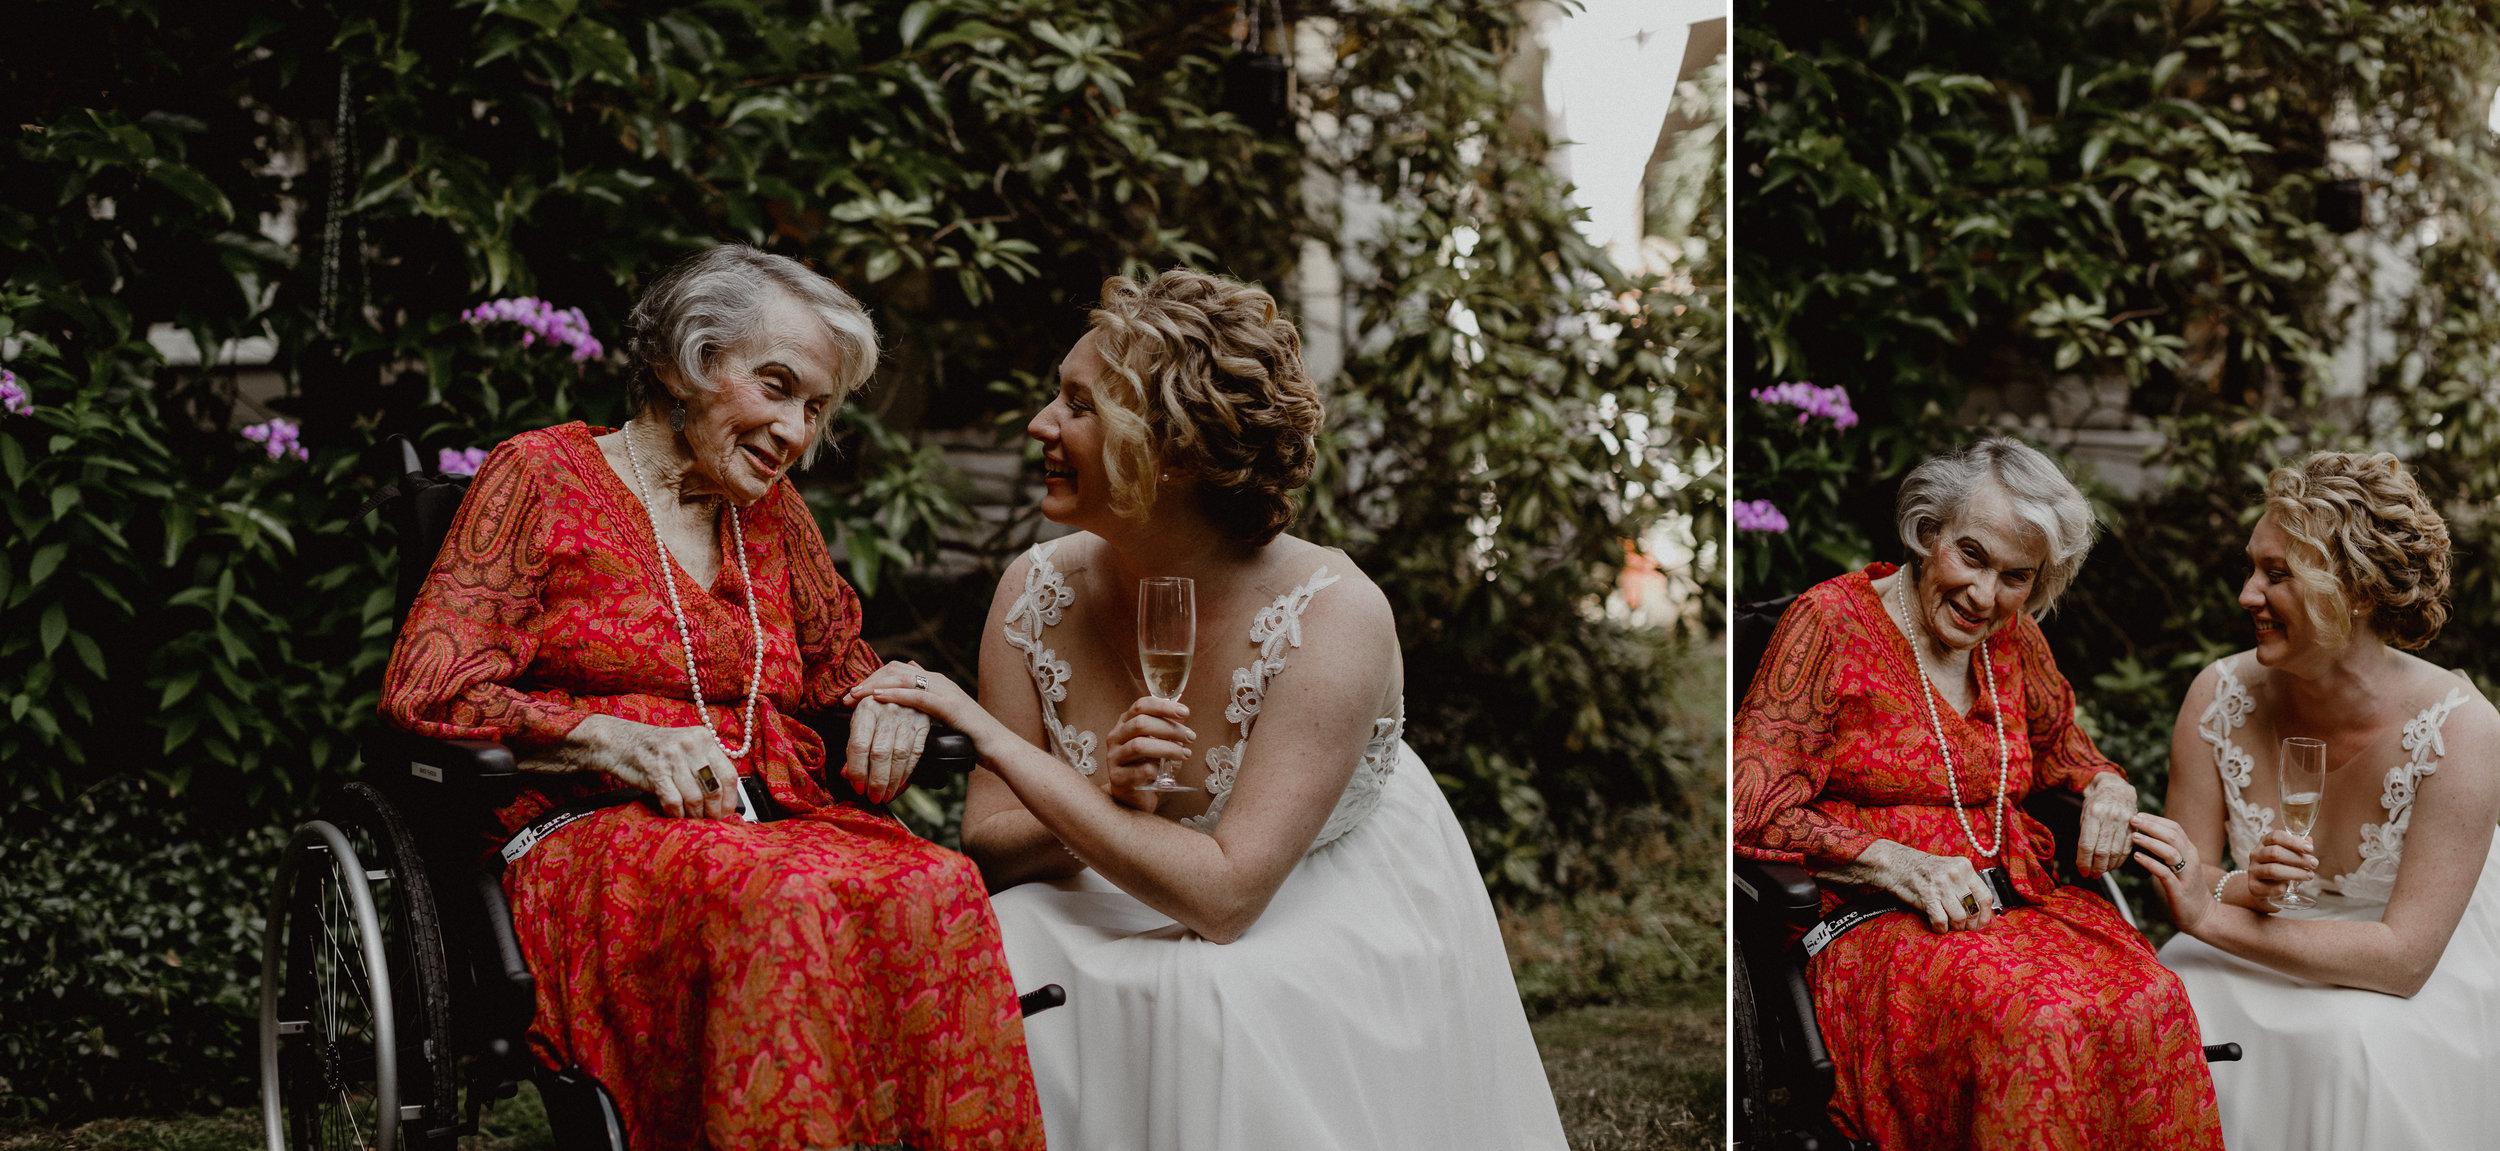 west-vancouver-backyard-wedding-151.jpg